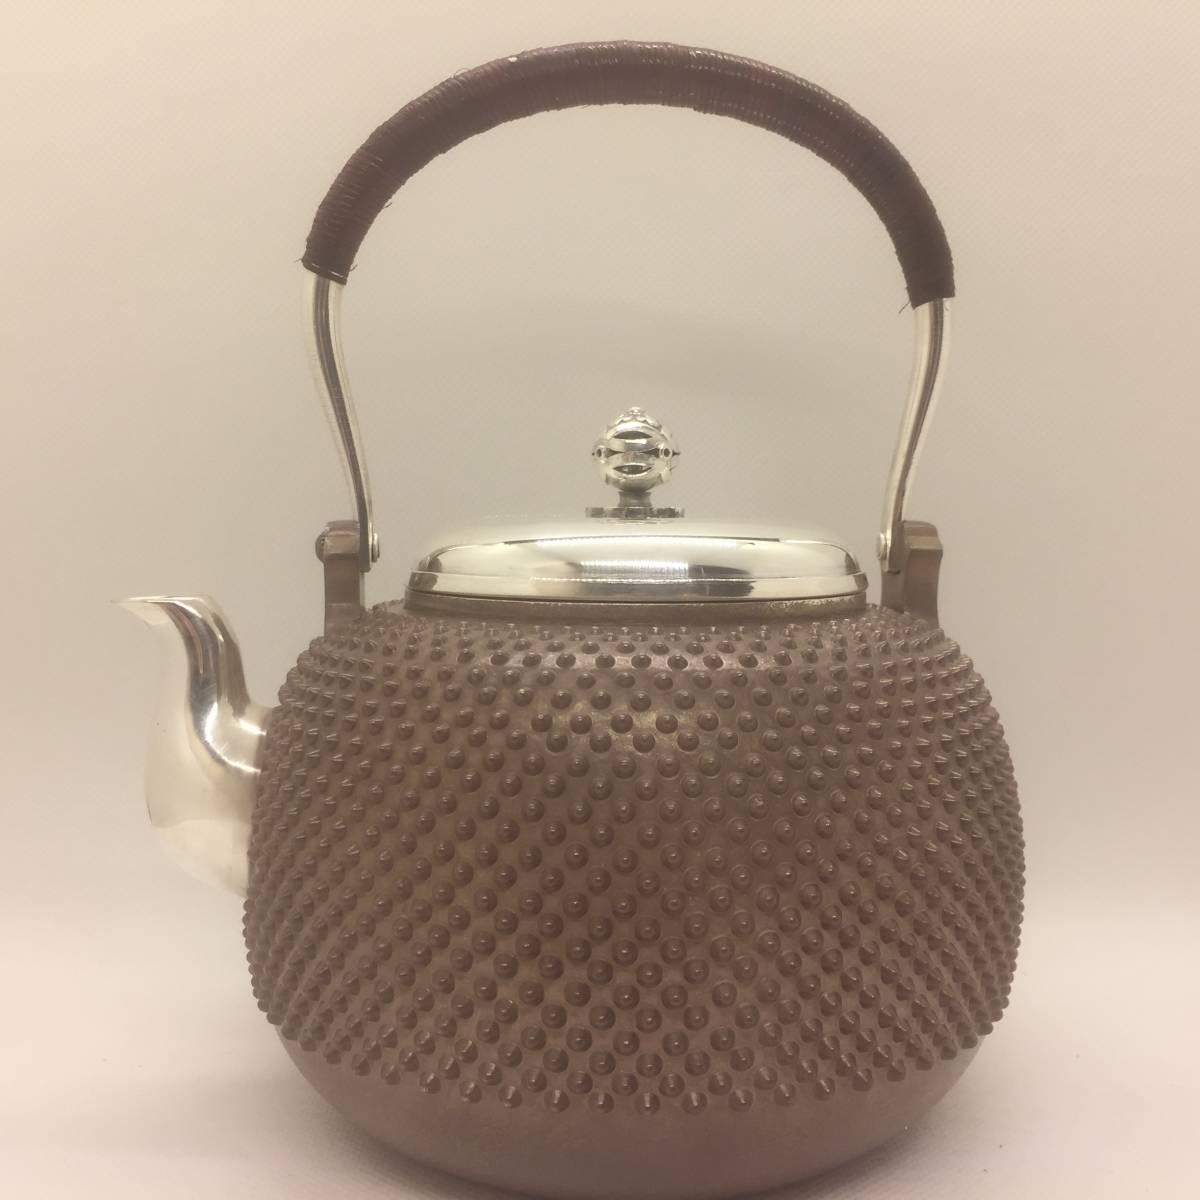 純銀製 河内光明造 霰打出湯沸 透摘 銀瓶 煎茶道具箱付